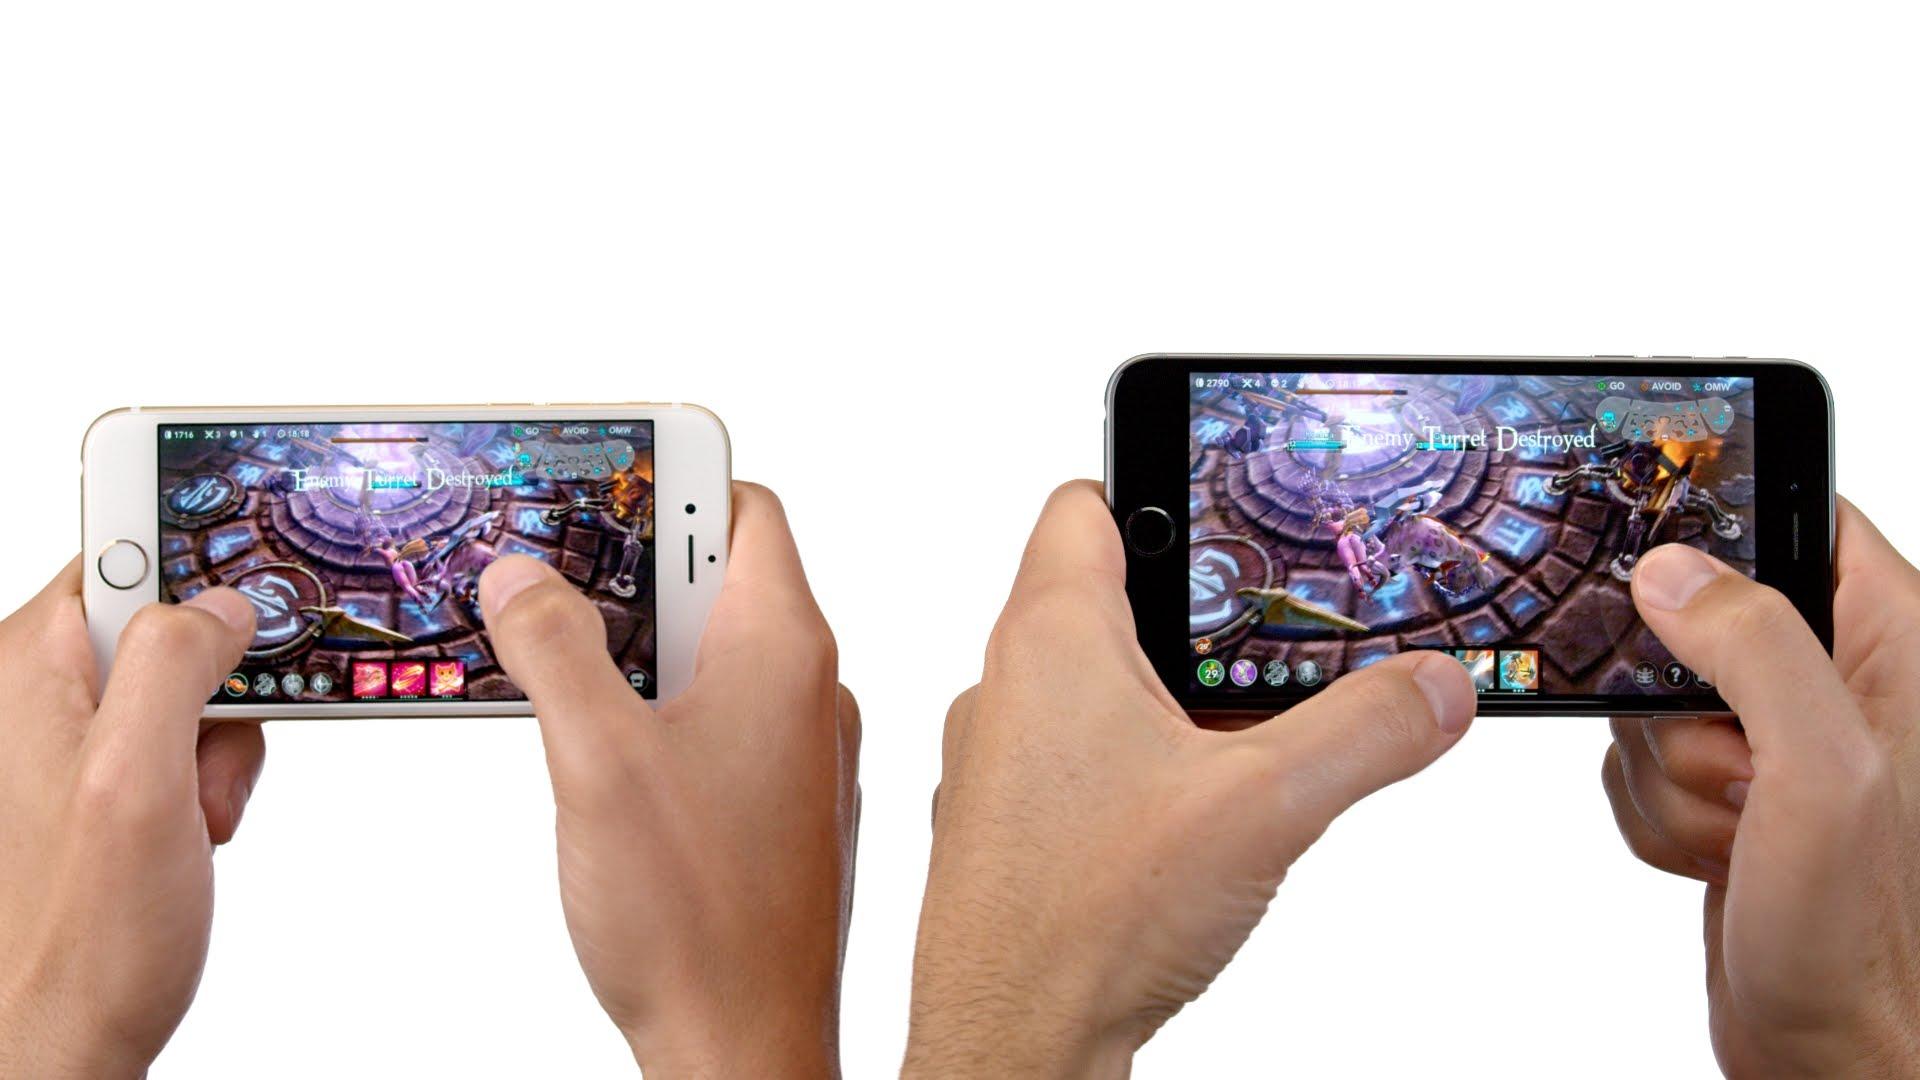 Comparativa de potencia entre smartphones y consolas